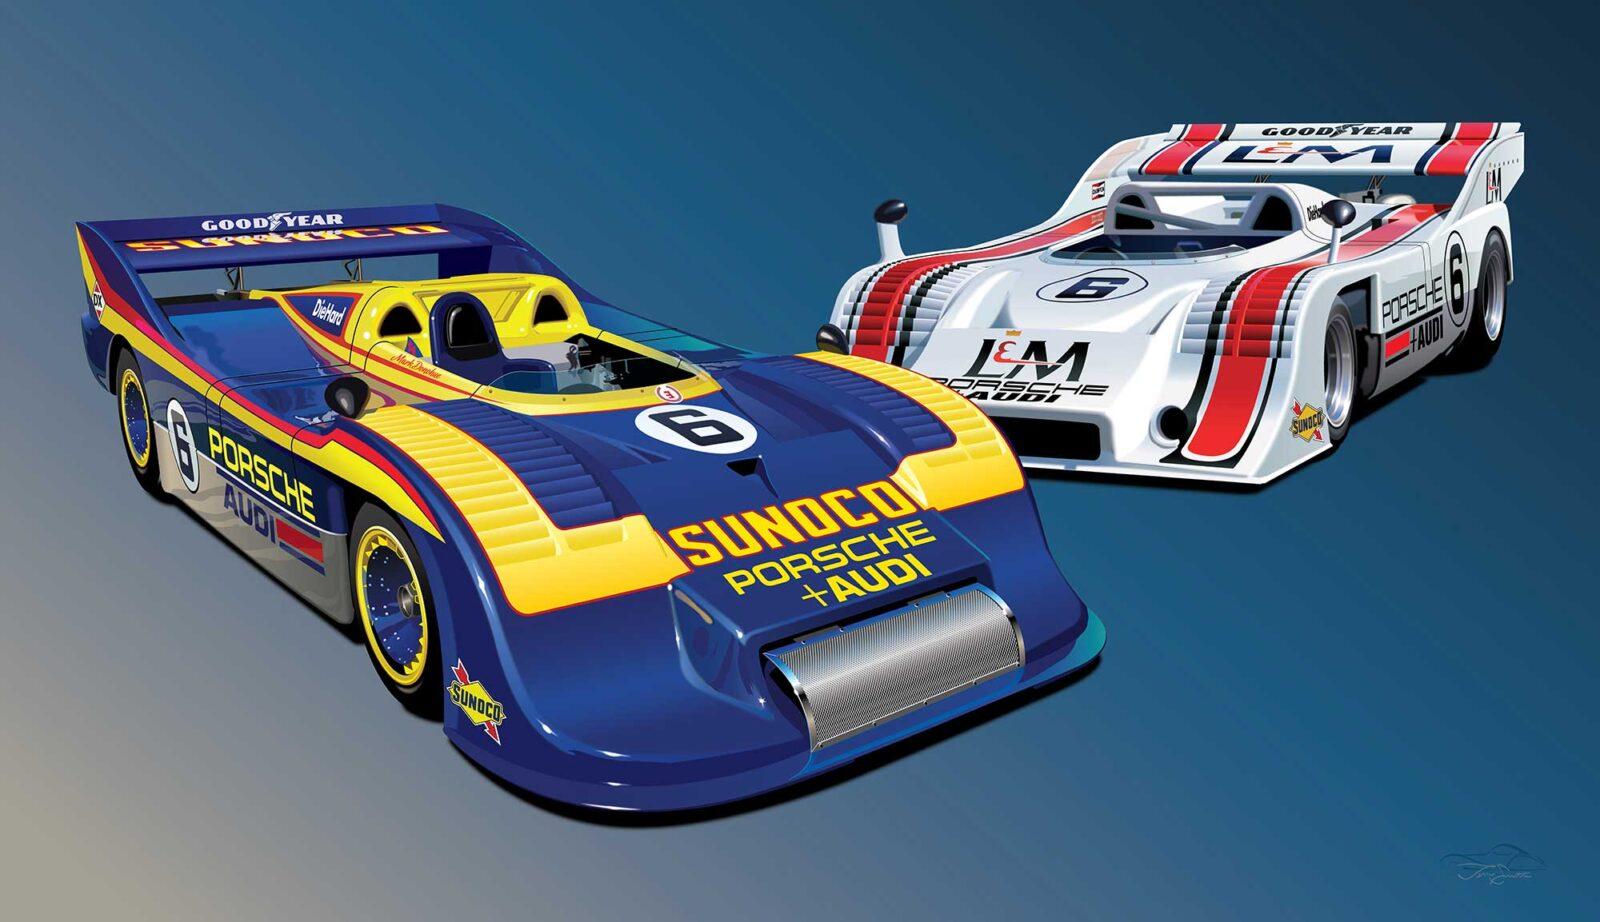 Can Am Porsche 91710 91730 Team Penske Print 1600x922 - Can-Am Porsche 917/10 & 917/30 Team Penske Print